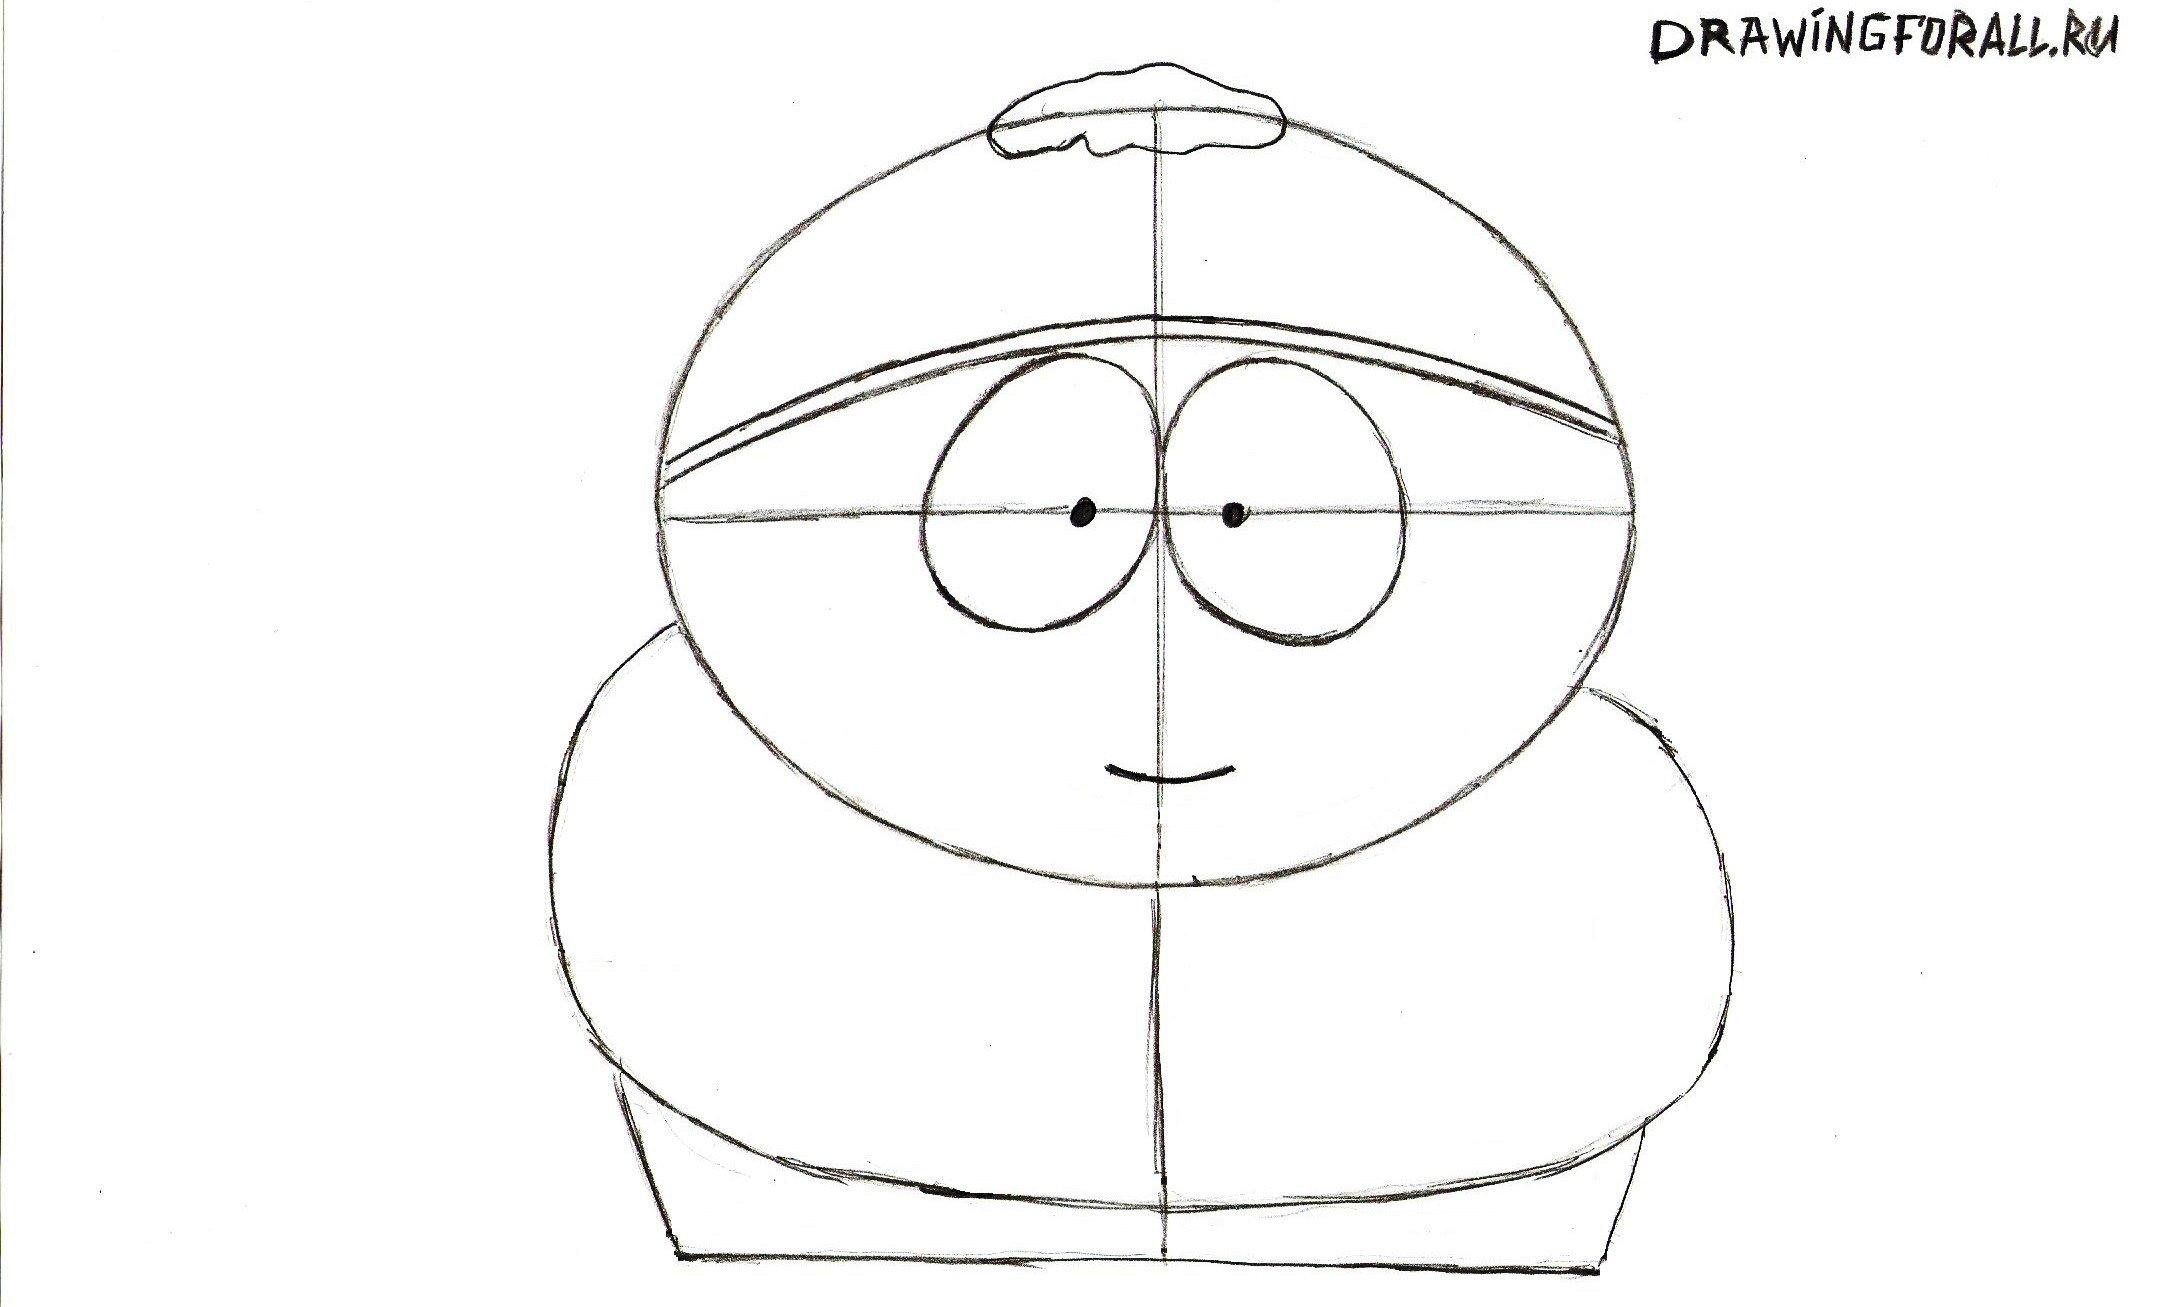 рисуем рот Картмана